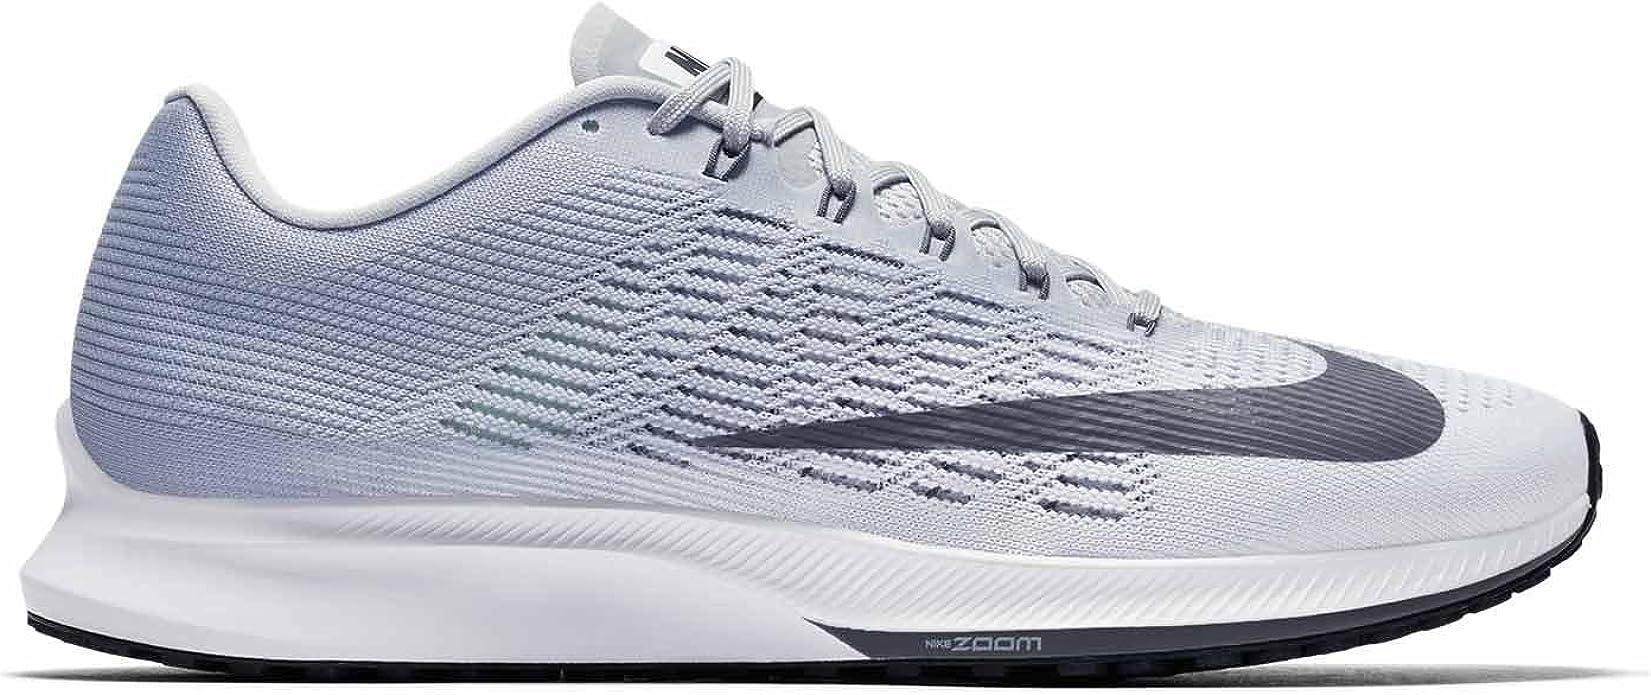 NIKE Air Zoom Elite 9, Zapatillas de Running para Hombre: Amazon.es: Zapatos y complementos